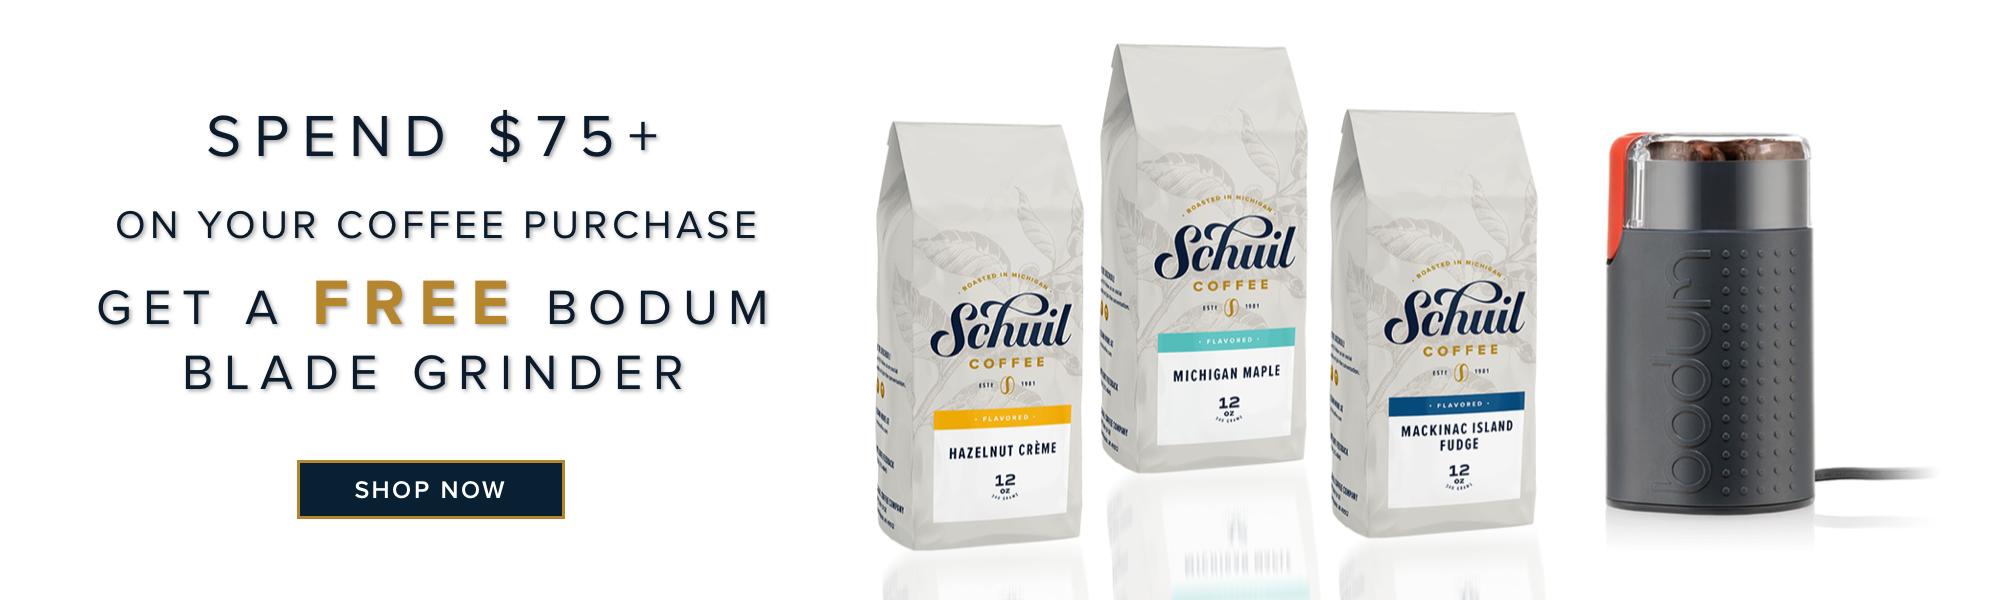 Schuil Coffee Free Bodum Blade Grinder